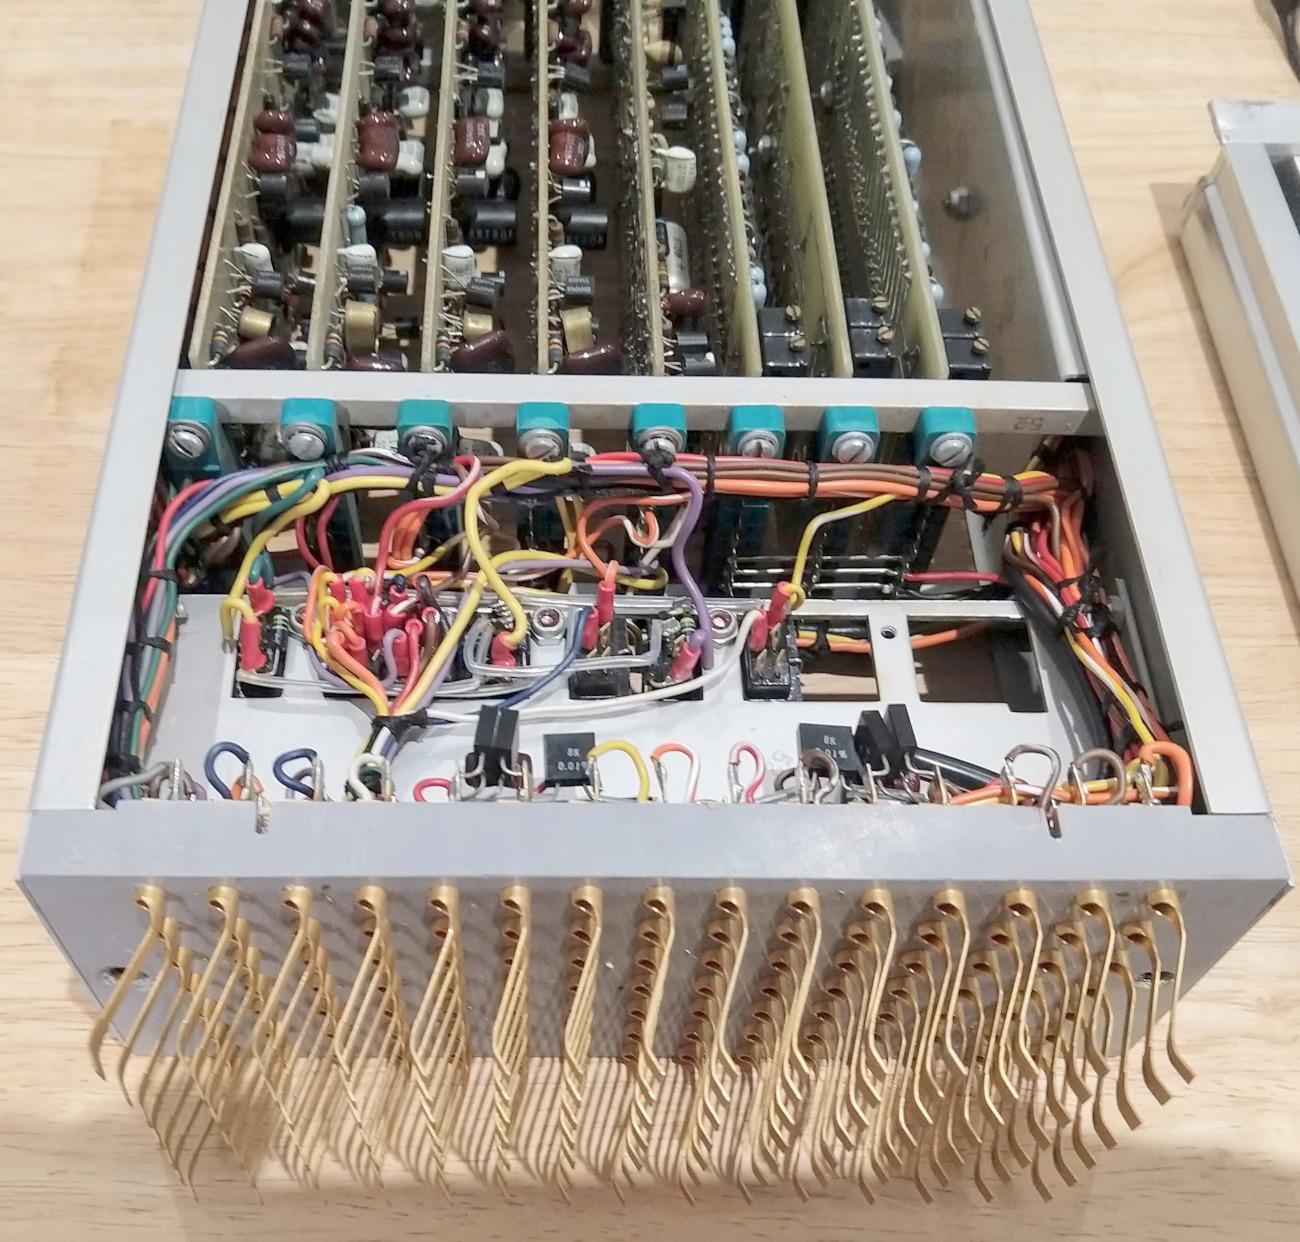 Реверс-инжиниринг малошумящих операционных усилителей из аналогового компьютера 1969 года - 6